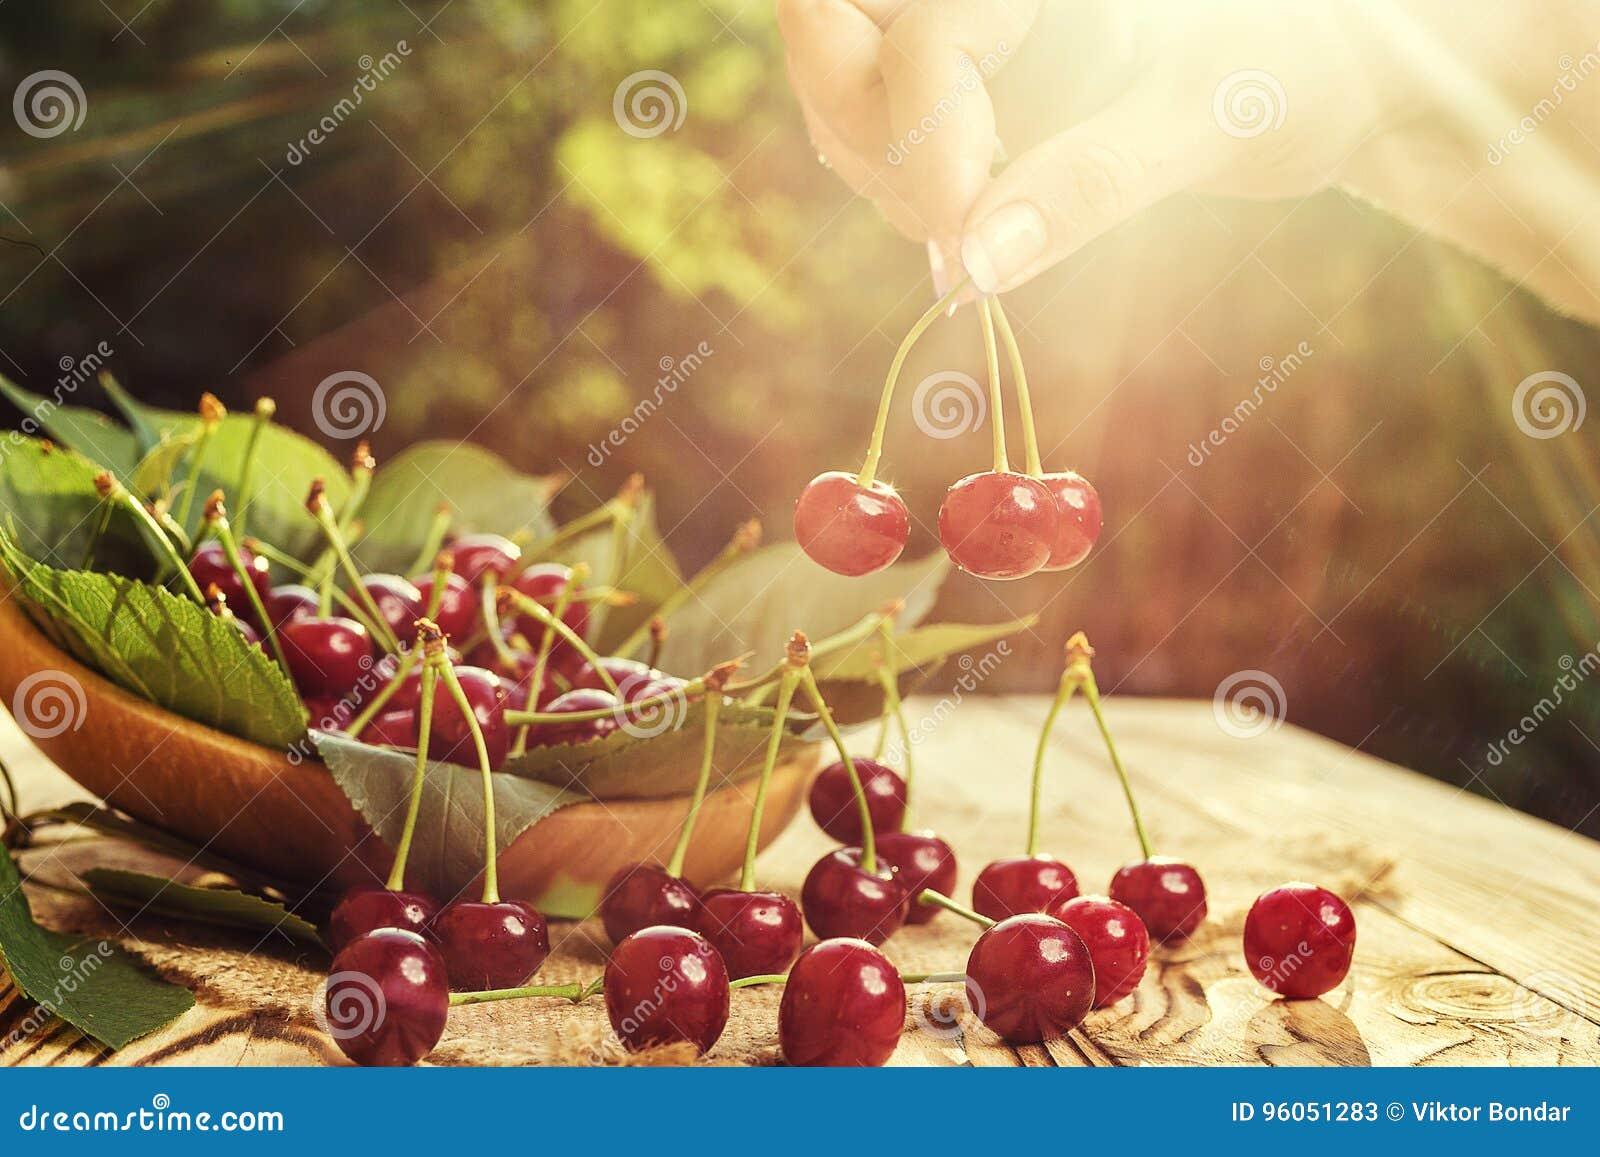 Cerise sur la main Table en bois de Cherrieson Cerise rouge Swe frais